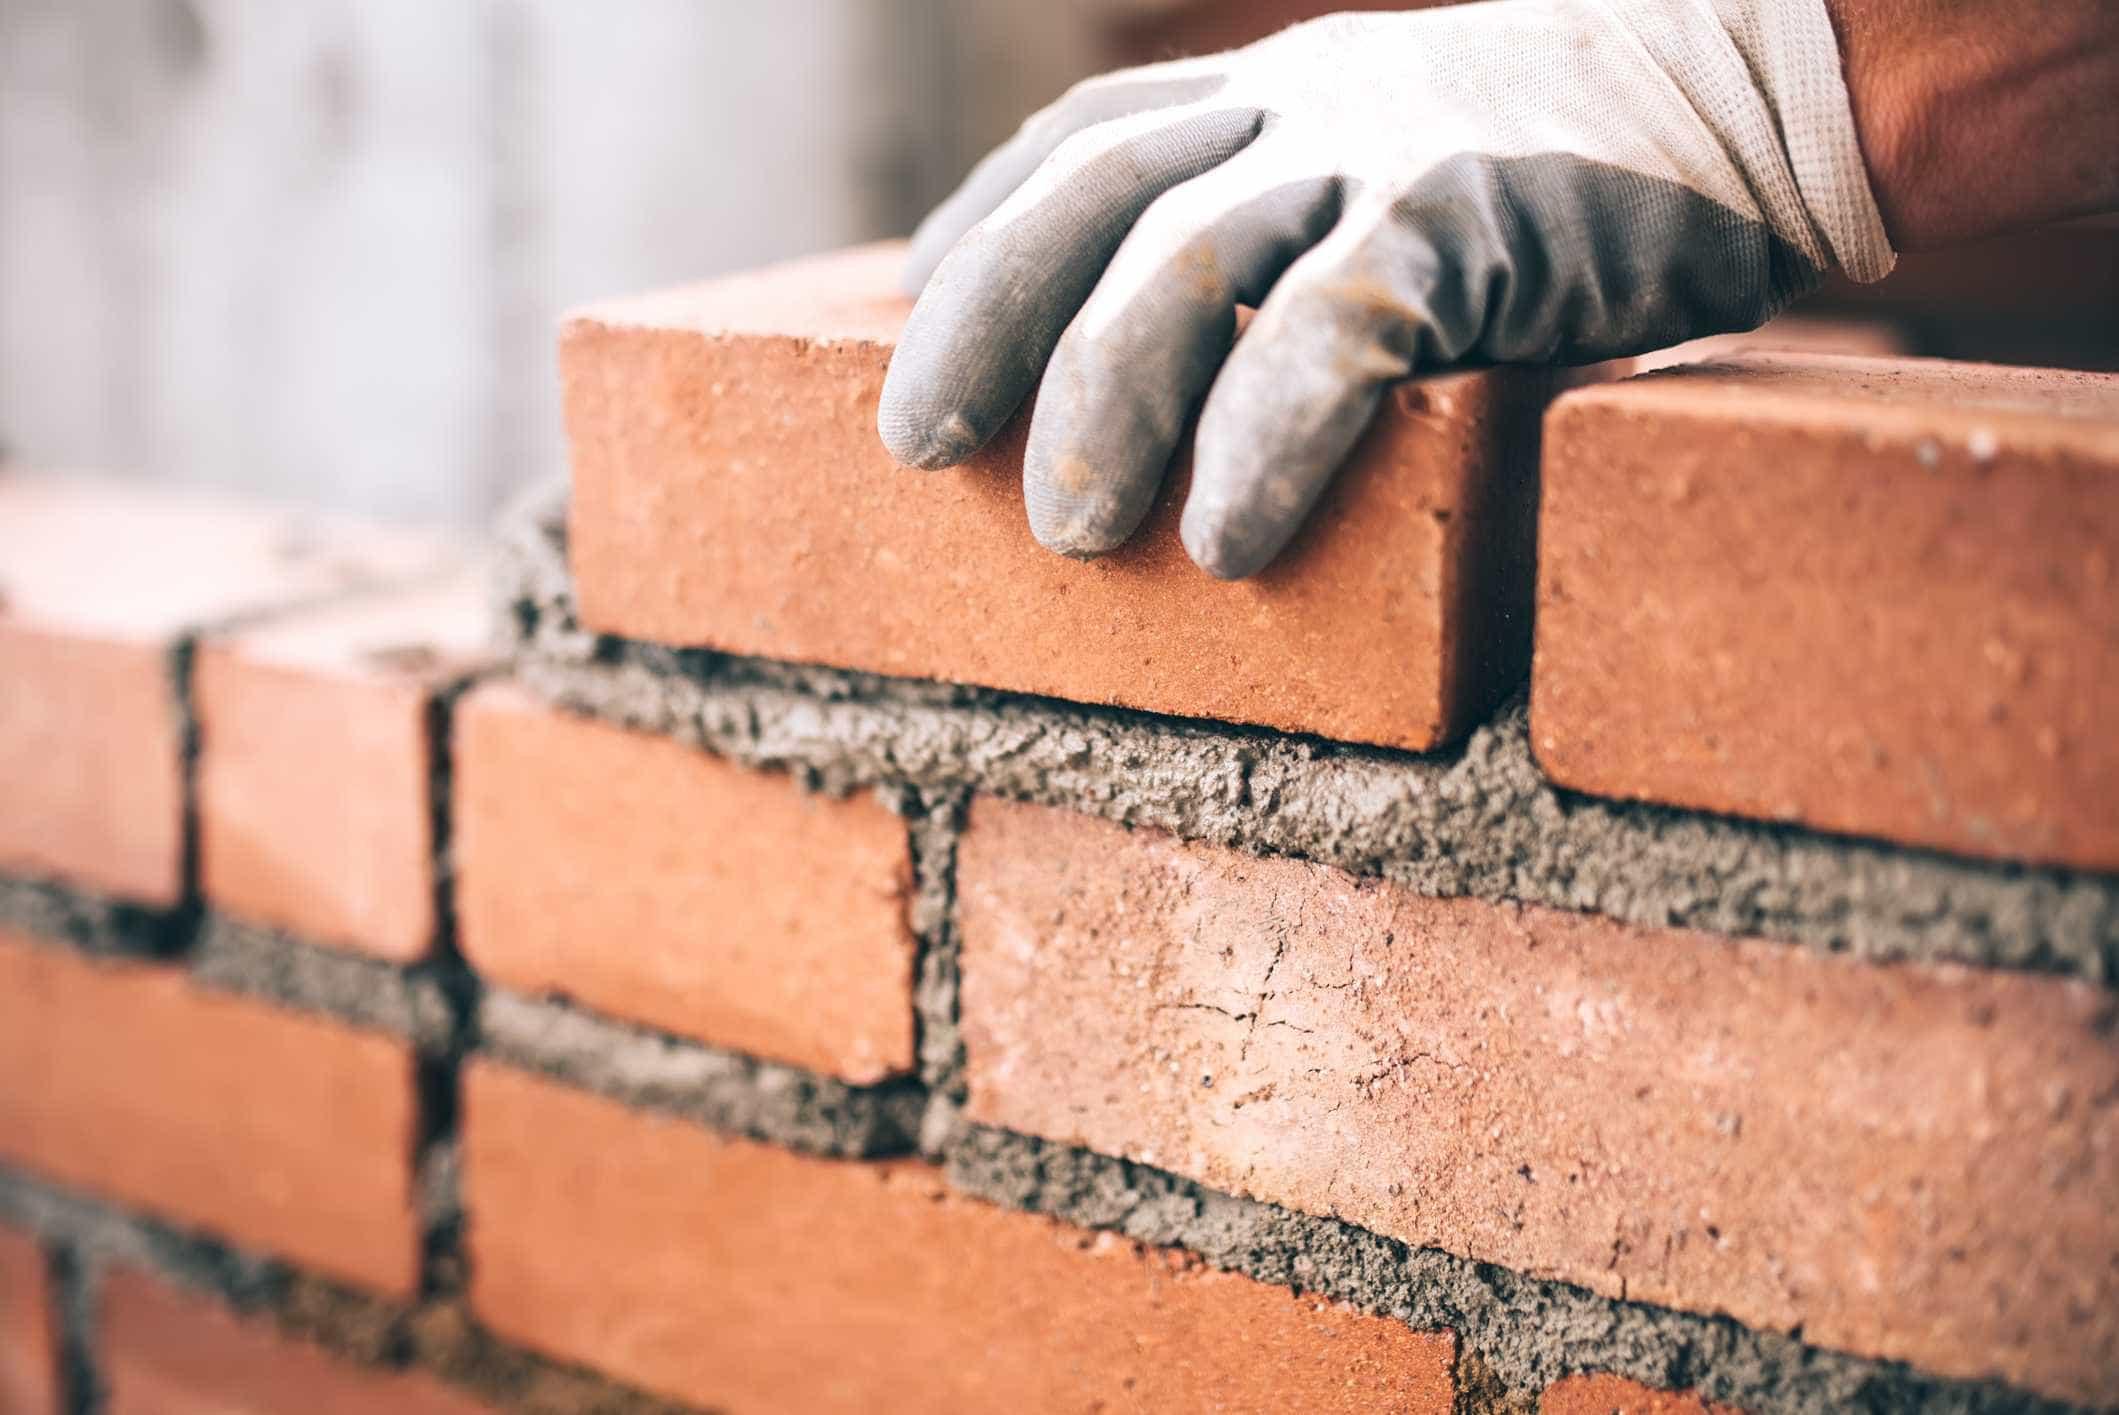 Obras em casa pagam IVA reduzido mesmo fora de zona de reabilitação